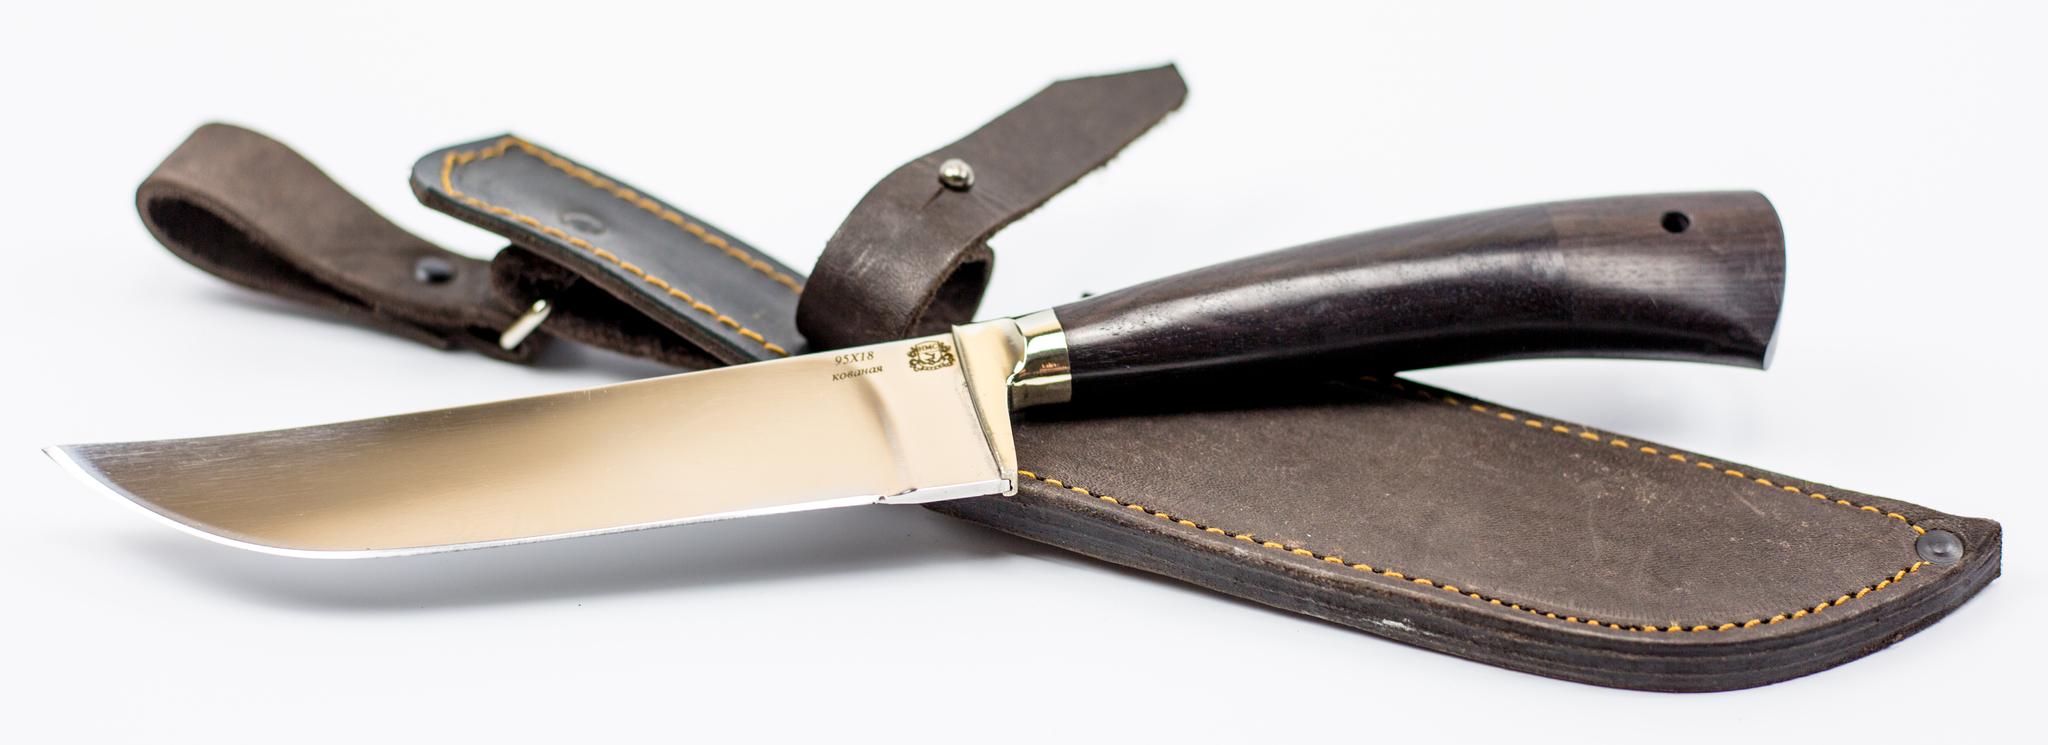 Фото 5 - Нож Пчак С, 95х18 от Мастерская Сковородихина